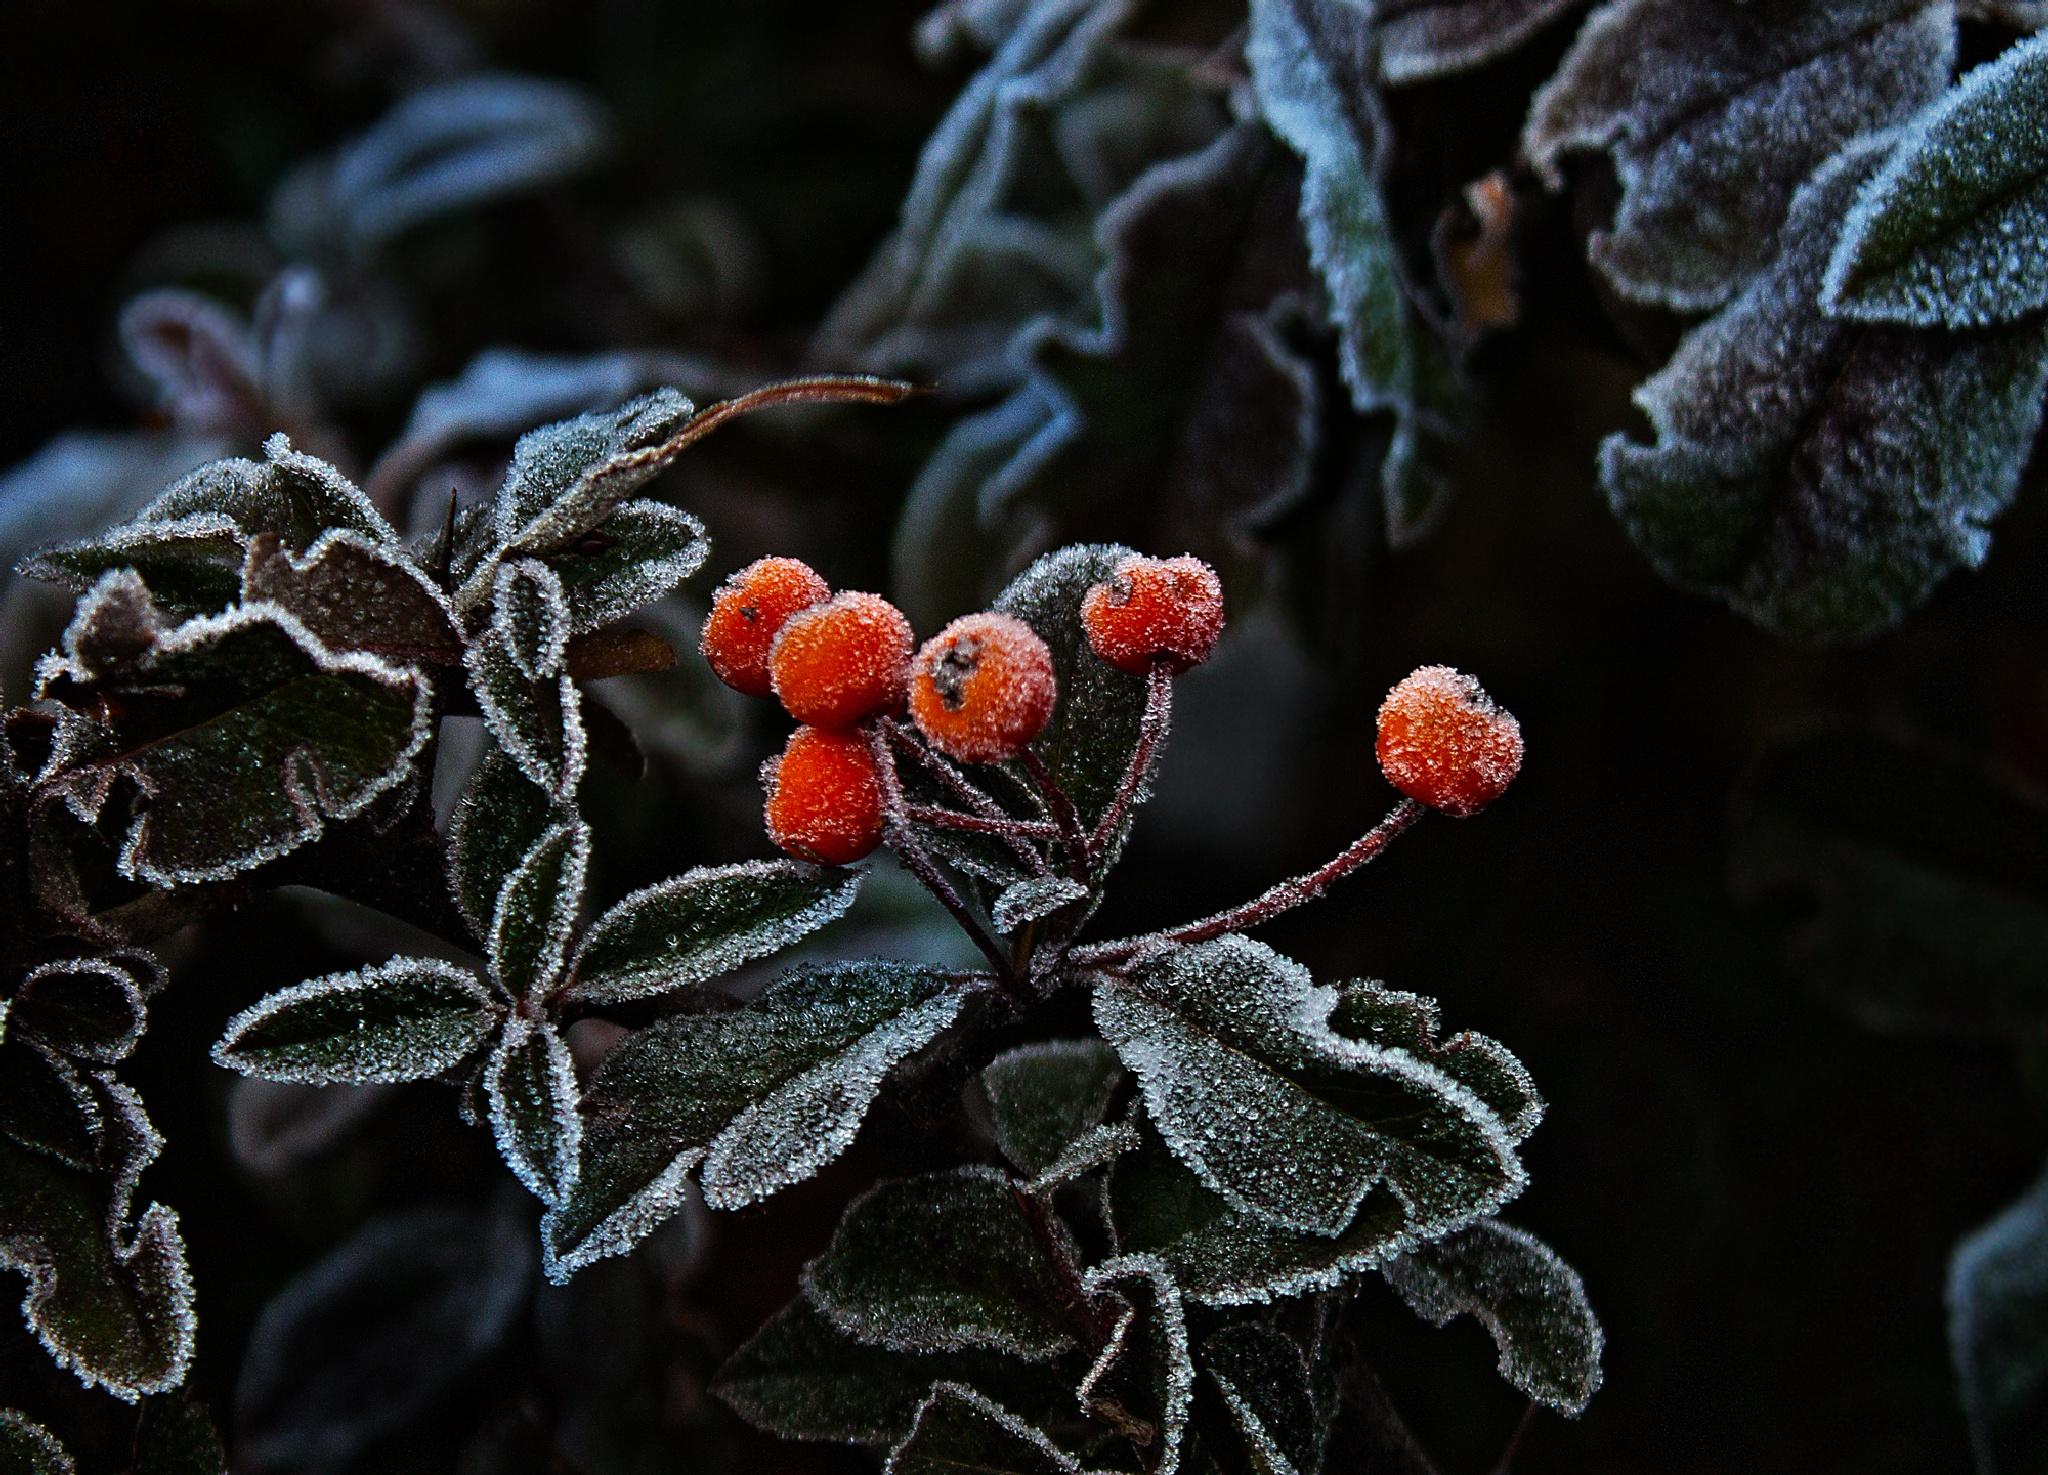 The frost - delicate breath of winter by Valentina Yotova-Todorova